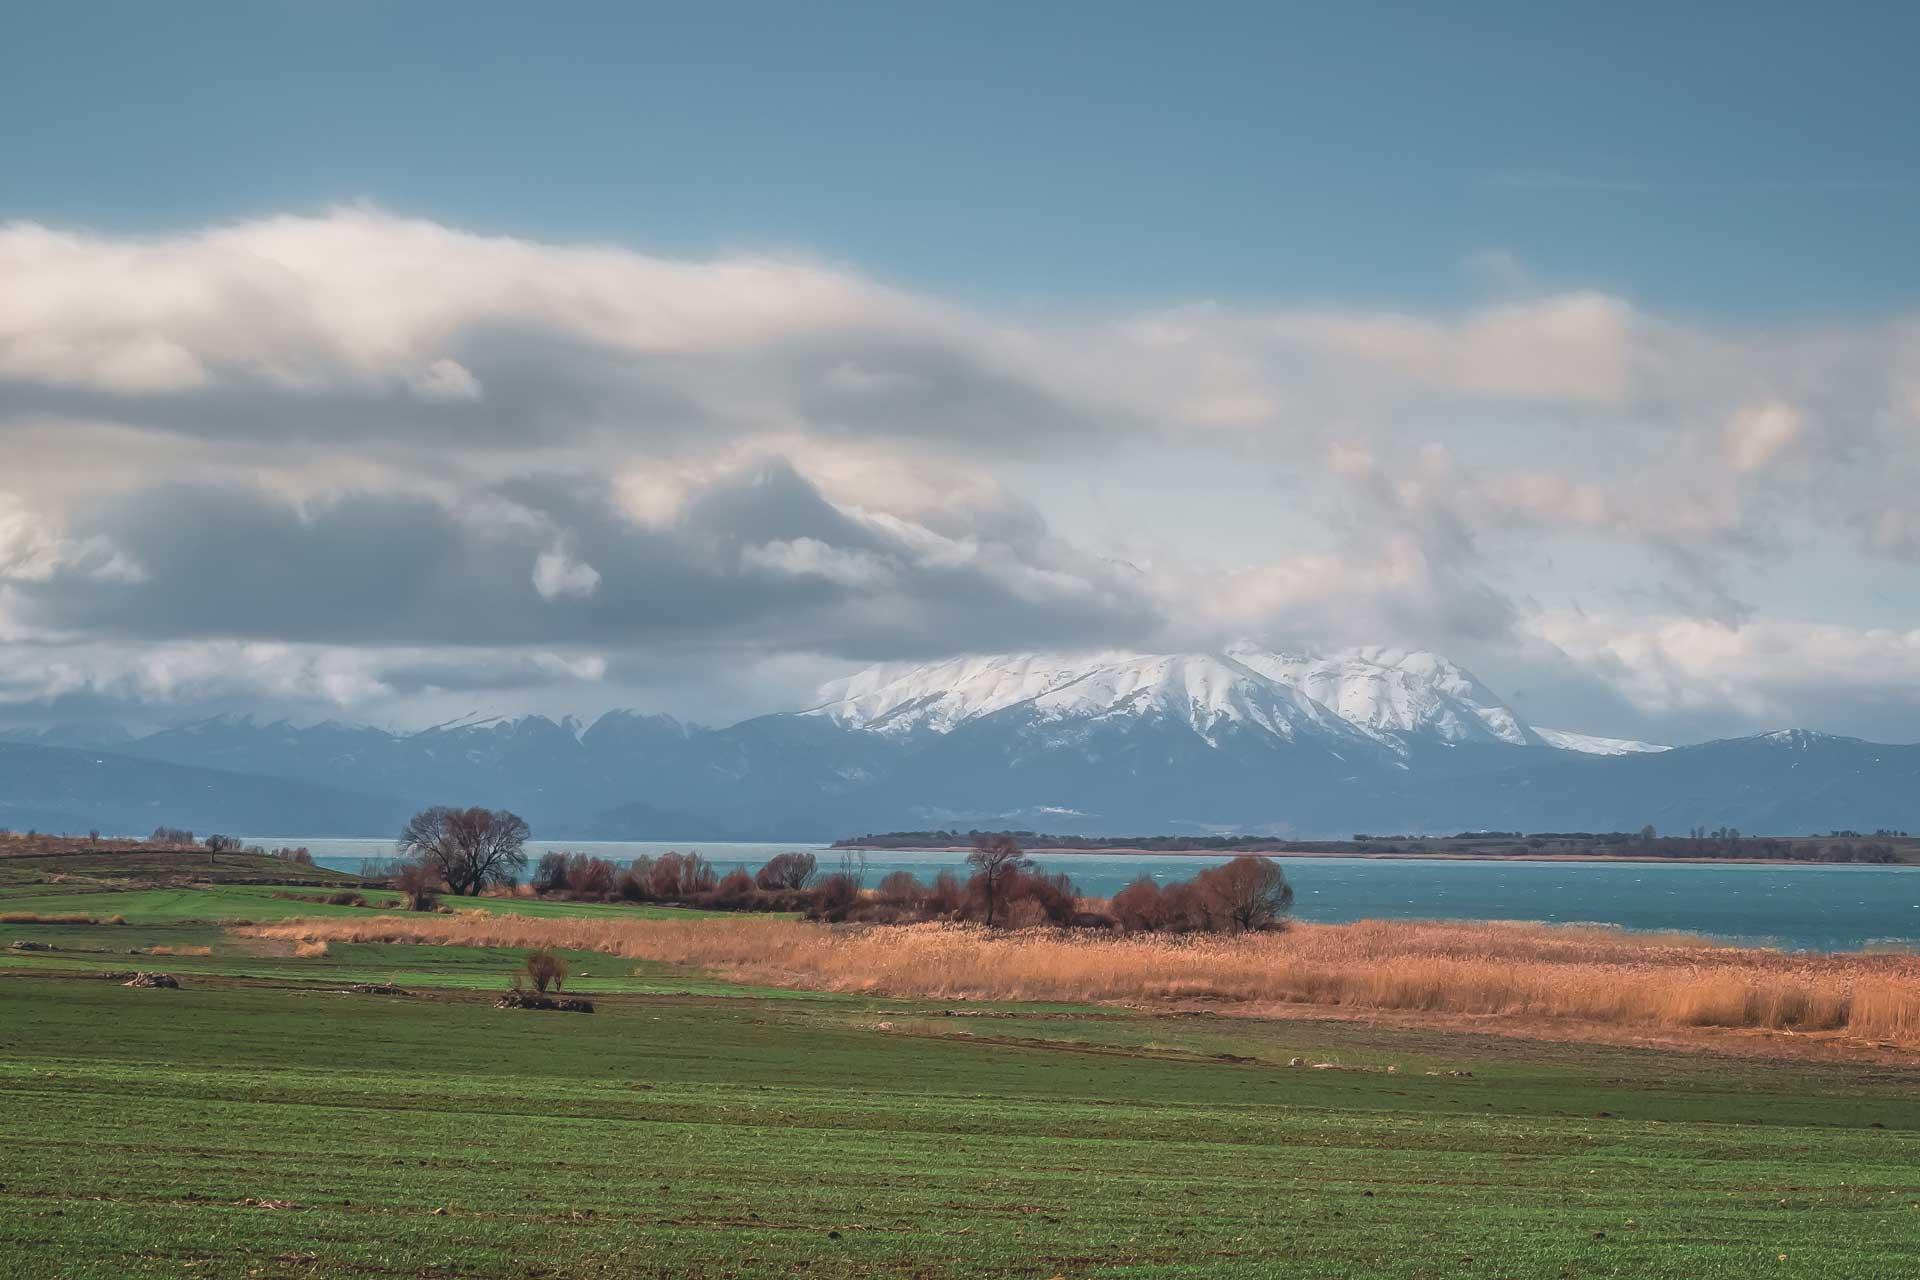 Beyşehir Gölü Fotoğrafları karlar dağ yeşillik Çekergezer Hakan Aydın Fotoğrafları